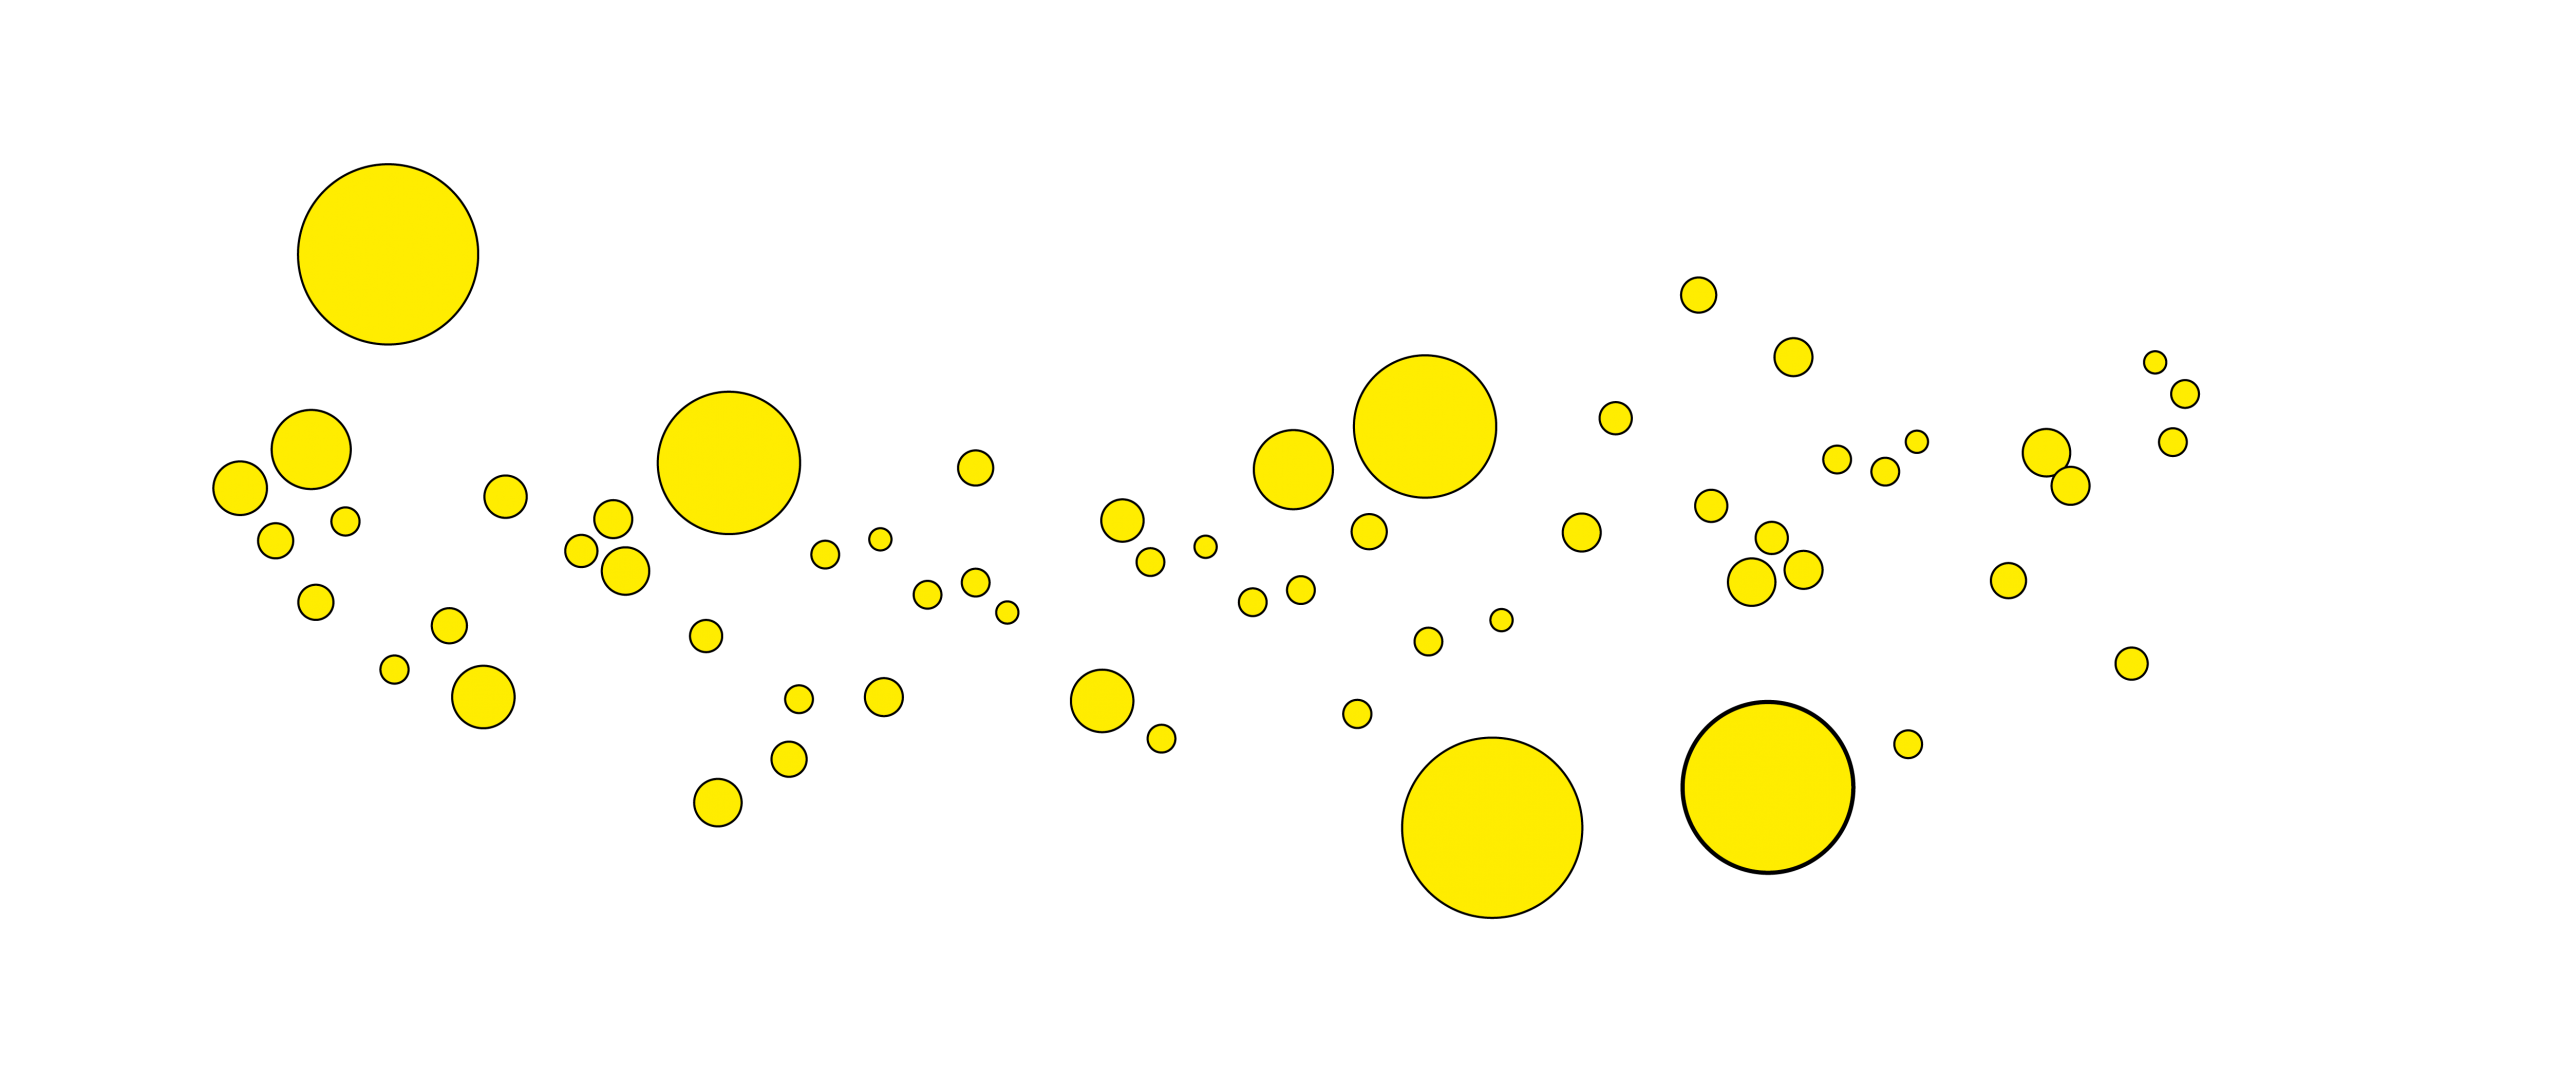 gelbe.kreise